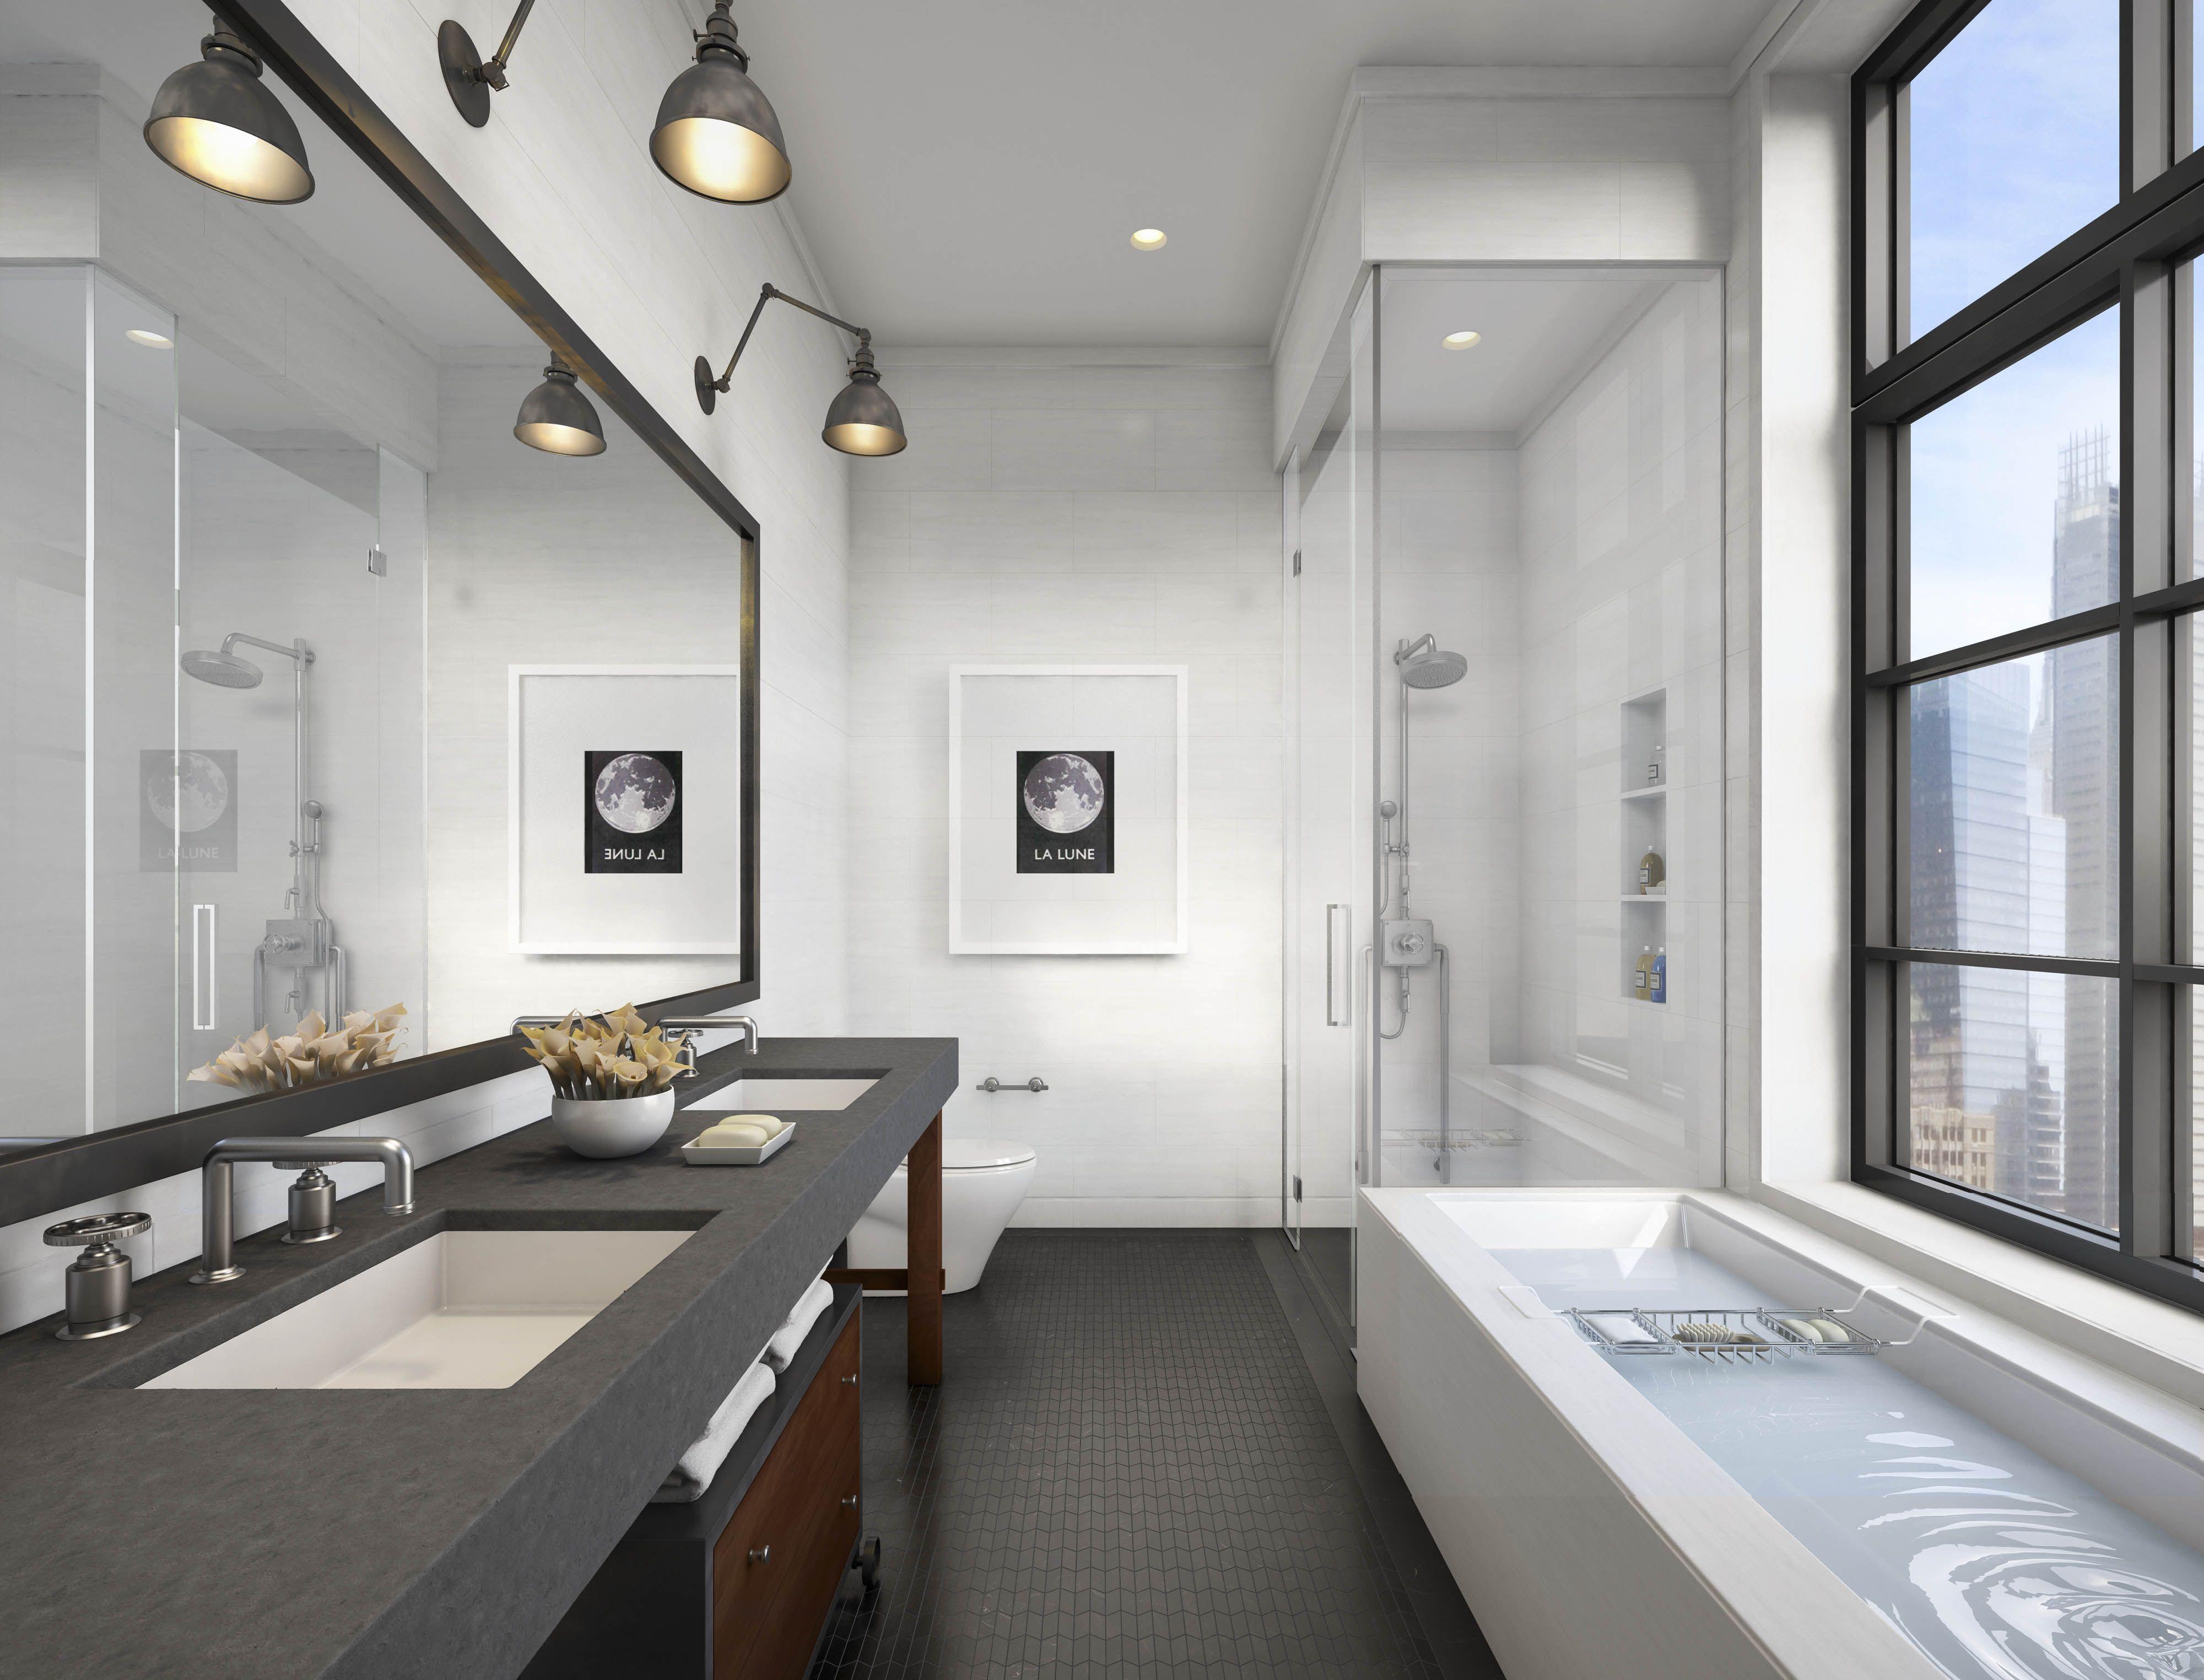 Image Result For Rectangle Bathroom Design Bathroom Design Best Bathroom Designs Bathroom Design Trends